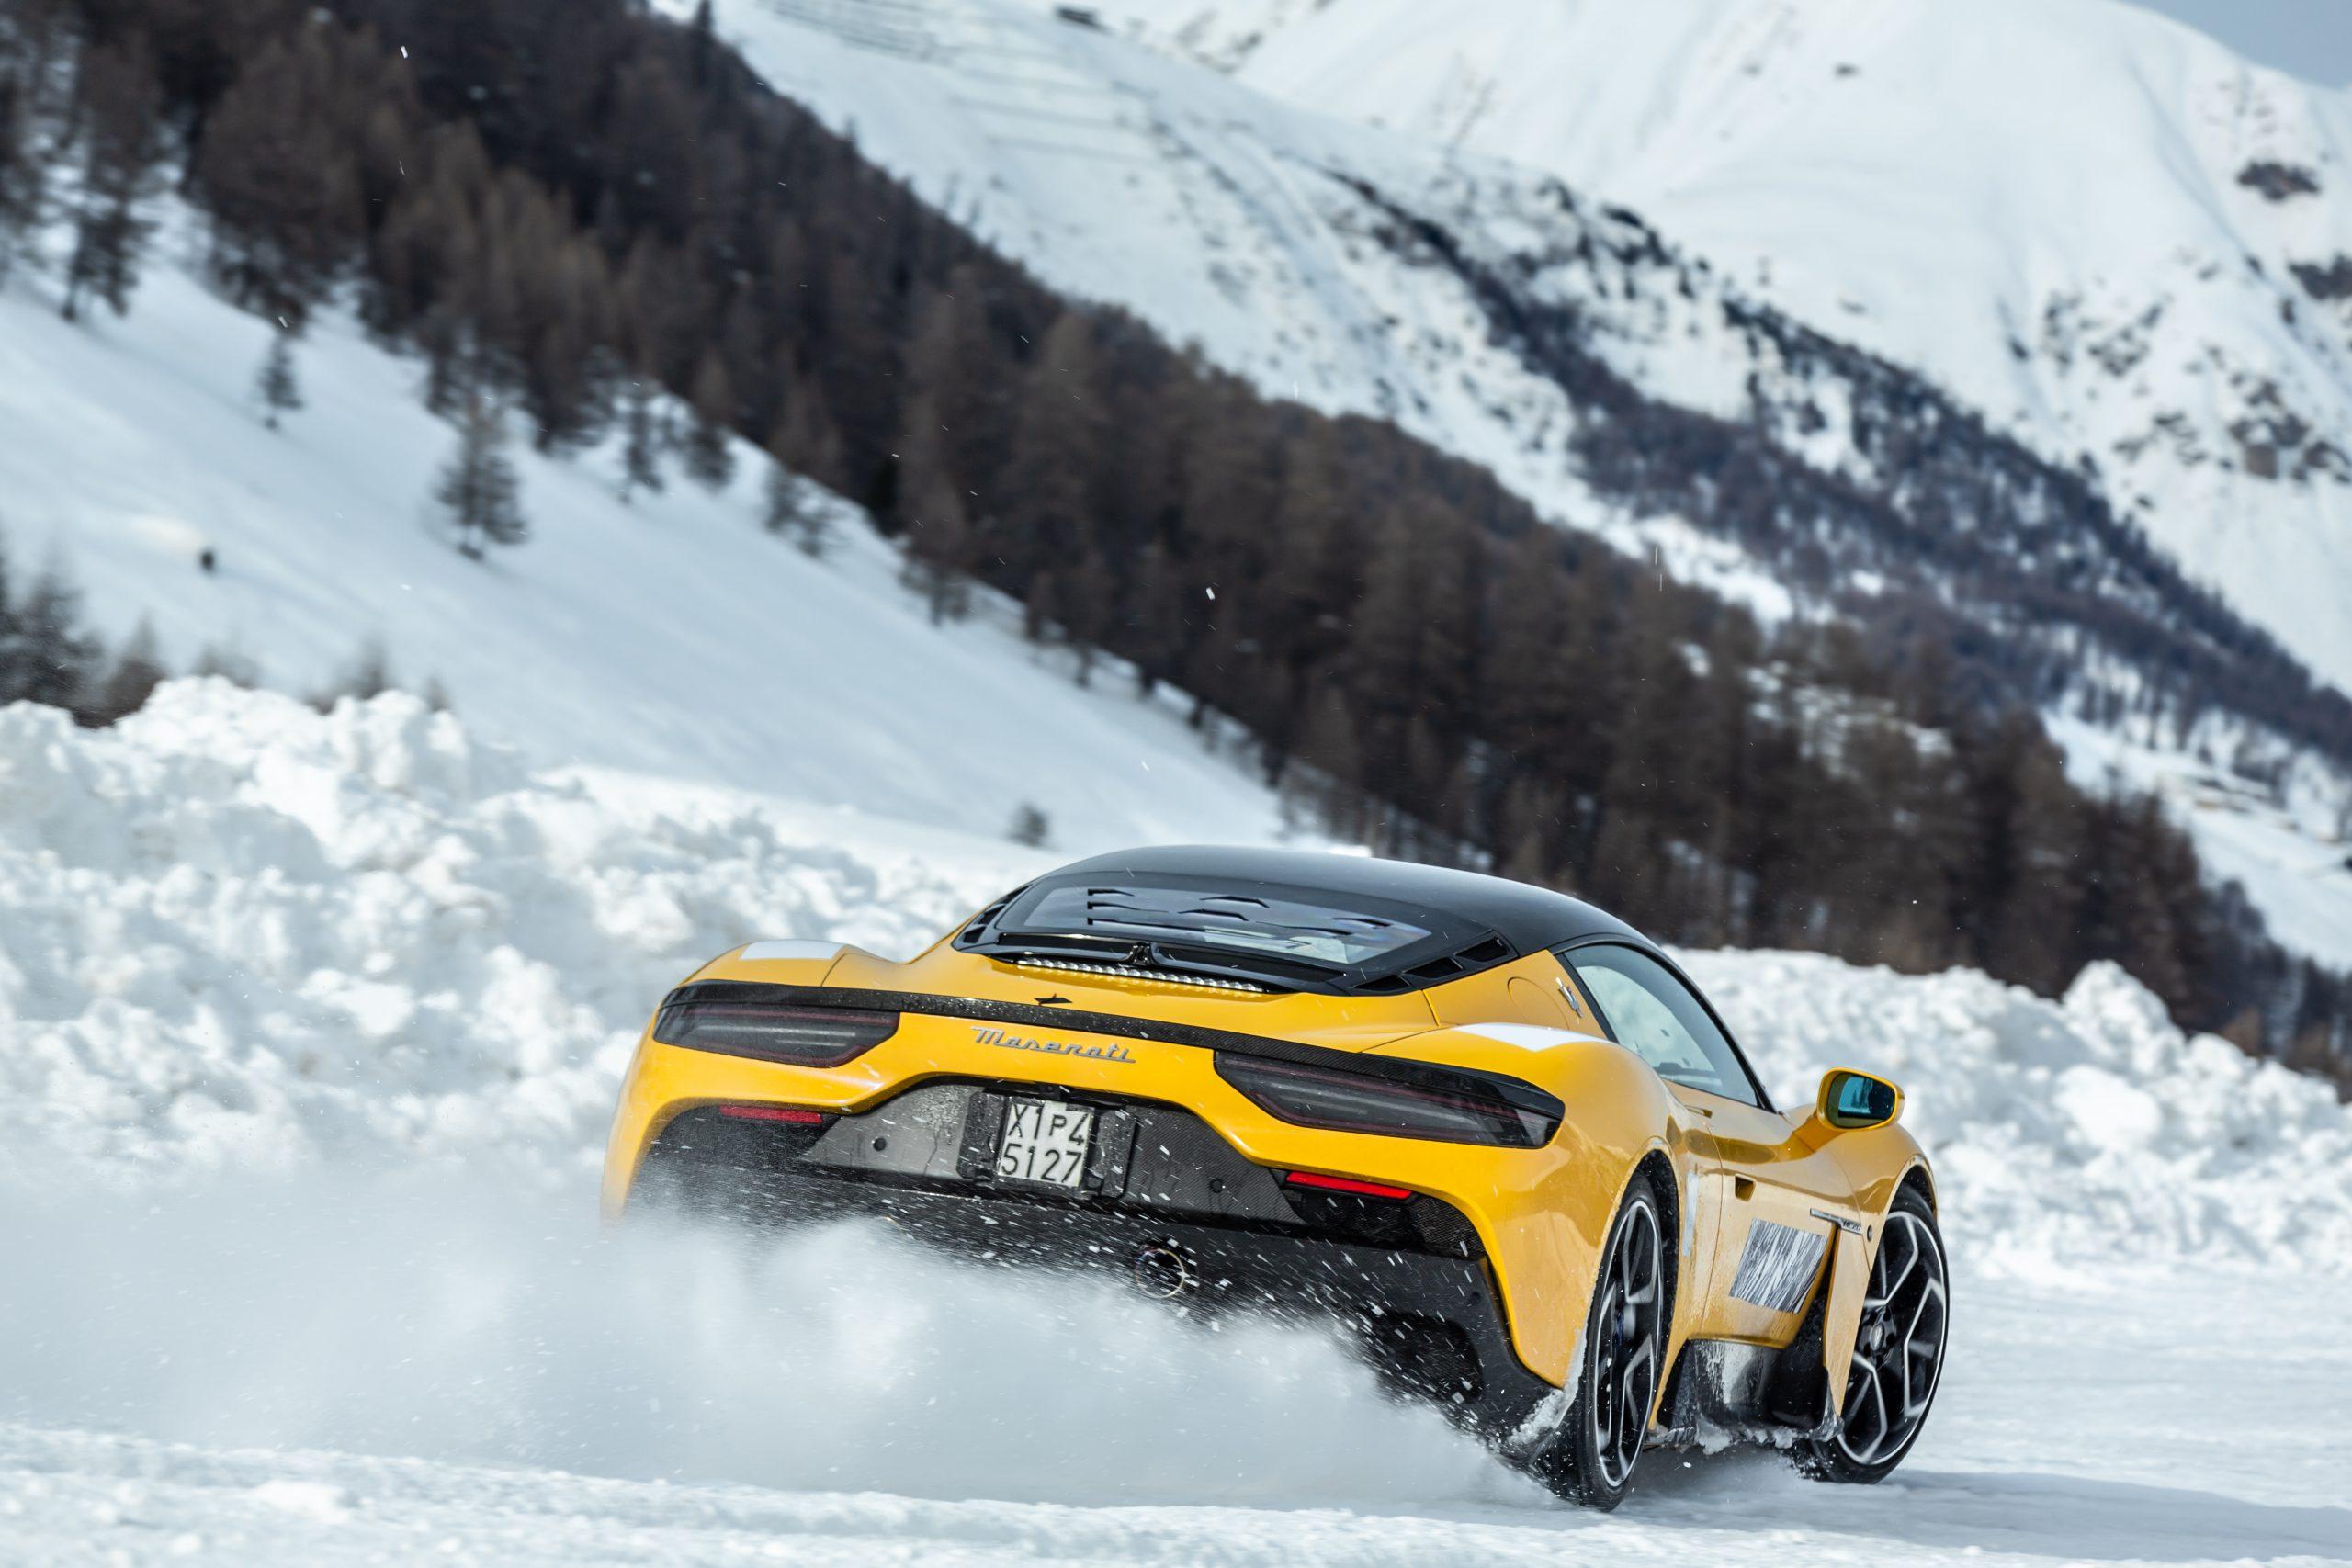 Maserati_MC20_Cold_Test_Livigno 4